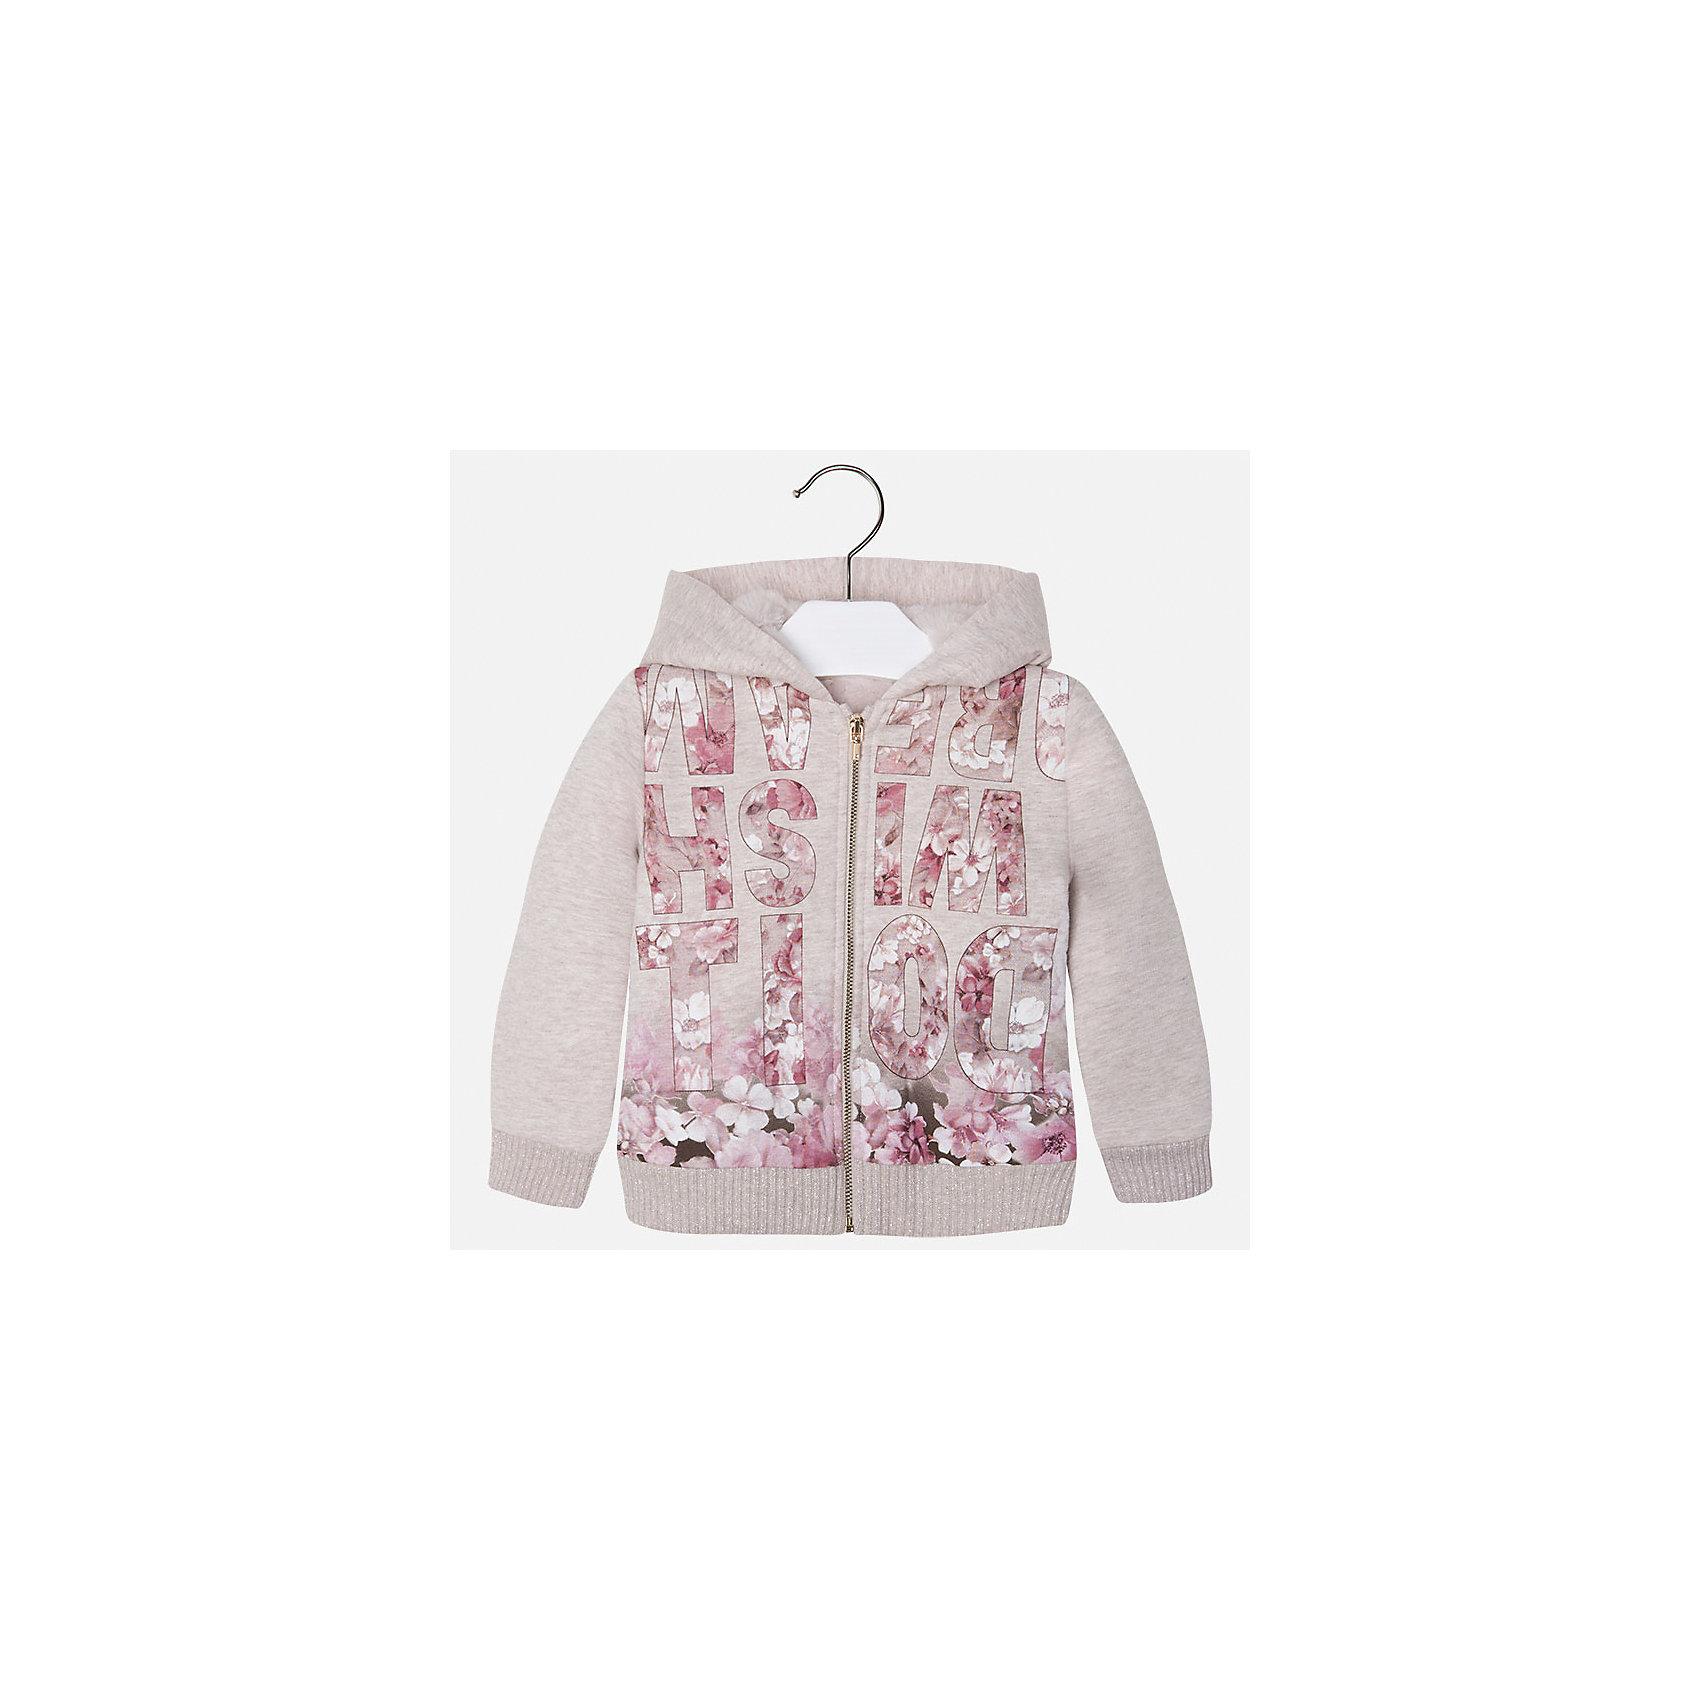 Куртка для девочки MayoralКуртка для девочки от известного испанского бренда Mayoral(Майорал). Модель с прямым силуэтом, застегивается на молнию, есть капюшон. В этой куртке ребенку будет тепло благодаря качественным материалам, сохраняющим тепло и резинкам на манжетах и подоле, которые не пропустят холодный воздух. Курточка украшена очаровательным принтом с буквами и цветами. Прекрасный вариант для маленьких принцесс!<br><br>Дополнительная информация:<br>Состав: 65% полиэстер, 35% хлопок. Подкладка: 100% полиэстер<br>Цвет: песочный<br>Вы можете купить куртку Mayoral(майорал) в нашем интернет-магазине.<br><br>Ширина мм: 356<br>Глубина мм: 10<br>Высота мм: 245<br>Вес г: 519<br>Цвет: бежевый<br>Возраст от месяцев: 36<br>Возраст до месяцев: 48<br>Пол: Женский<br>Возраст: Детский<br>Размер: 104,128,134,98,110,122,116,92<br>SKU: 4843768